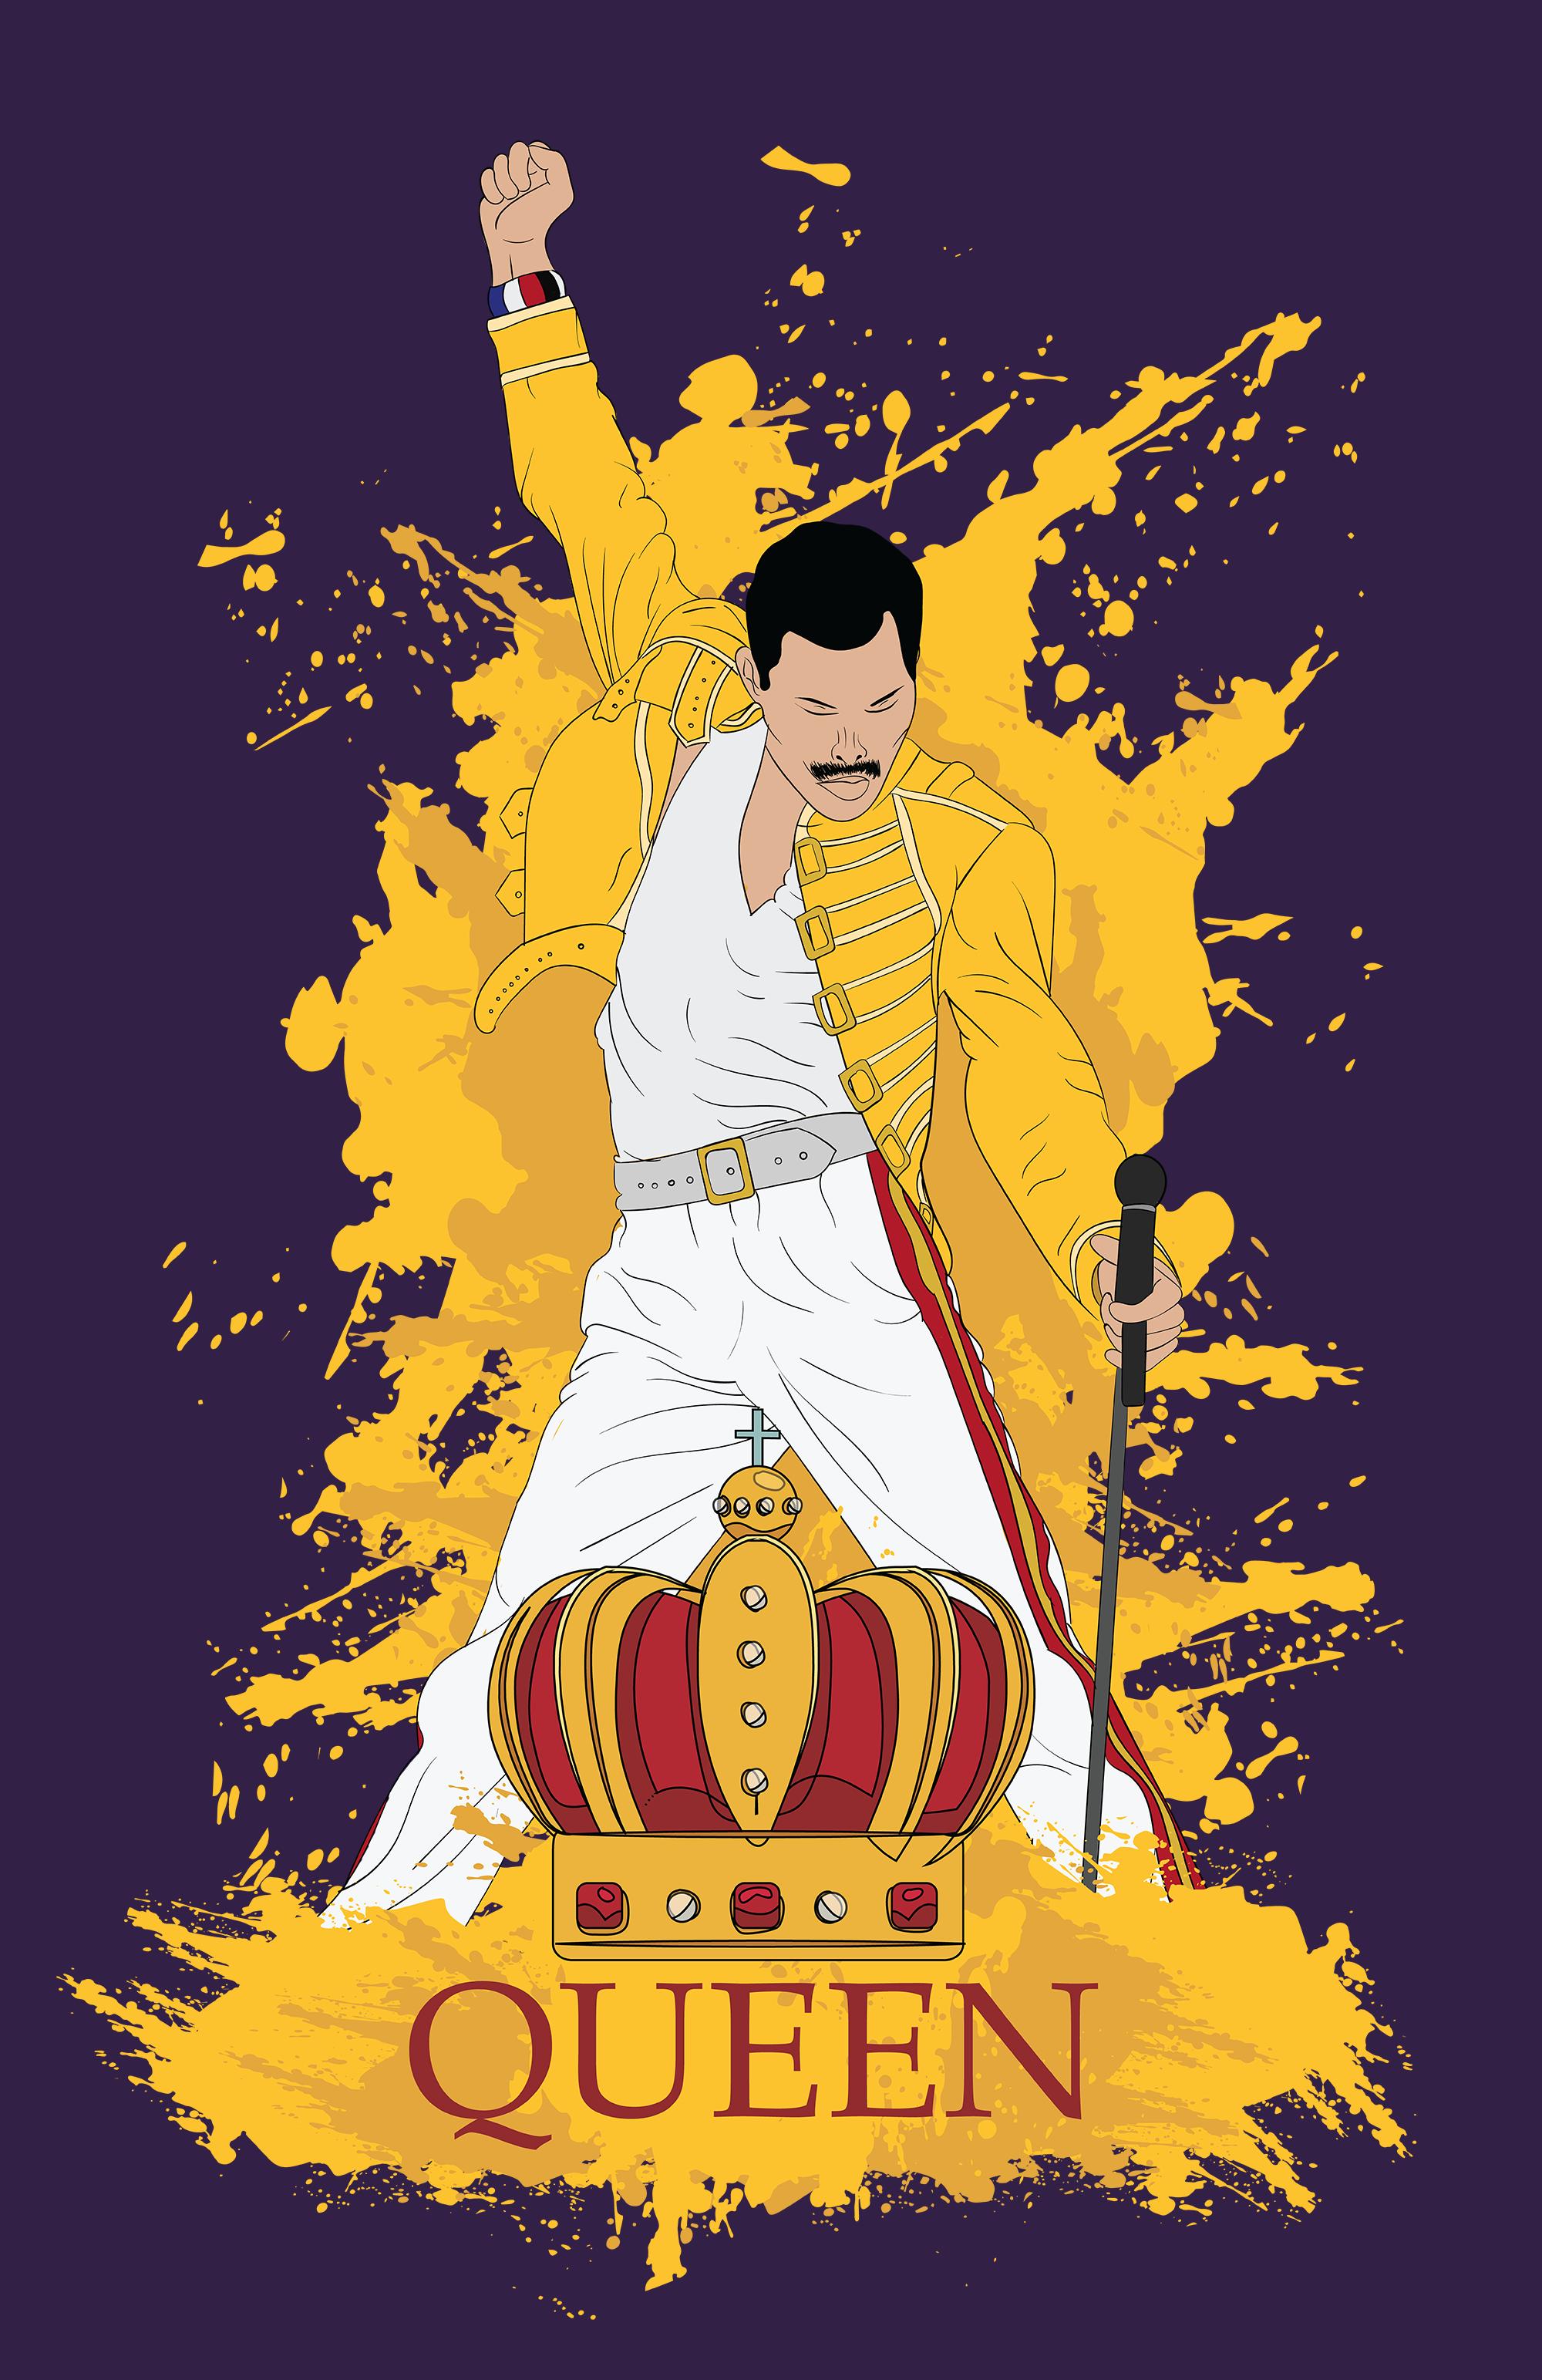 Yellow Suited Freddie Mercury Queen Queen Art Queen Poster Queen Band